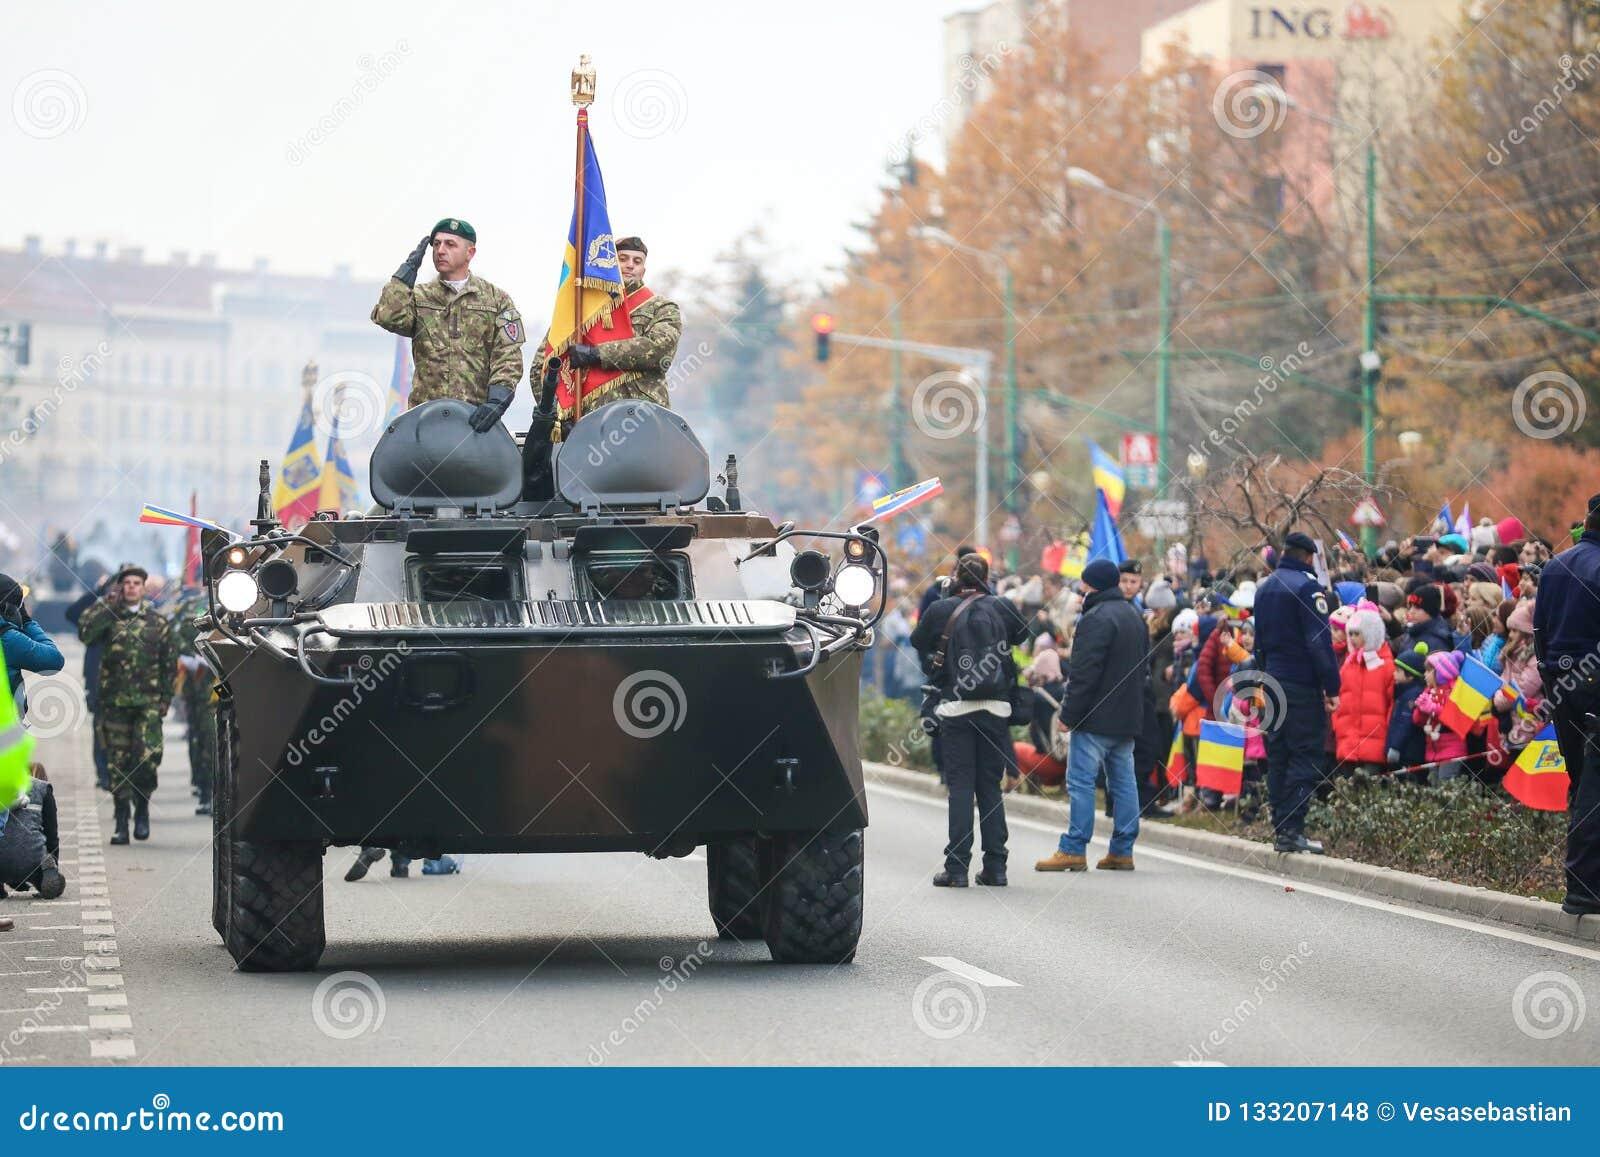 12/01/2018 - Военные образования празднуя румынский национальный праздник в Timisoara, Румынии